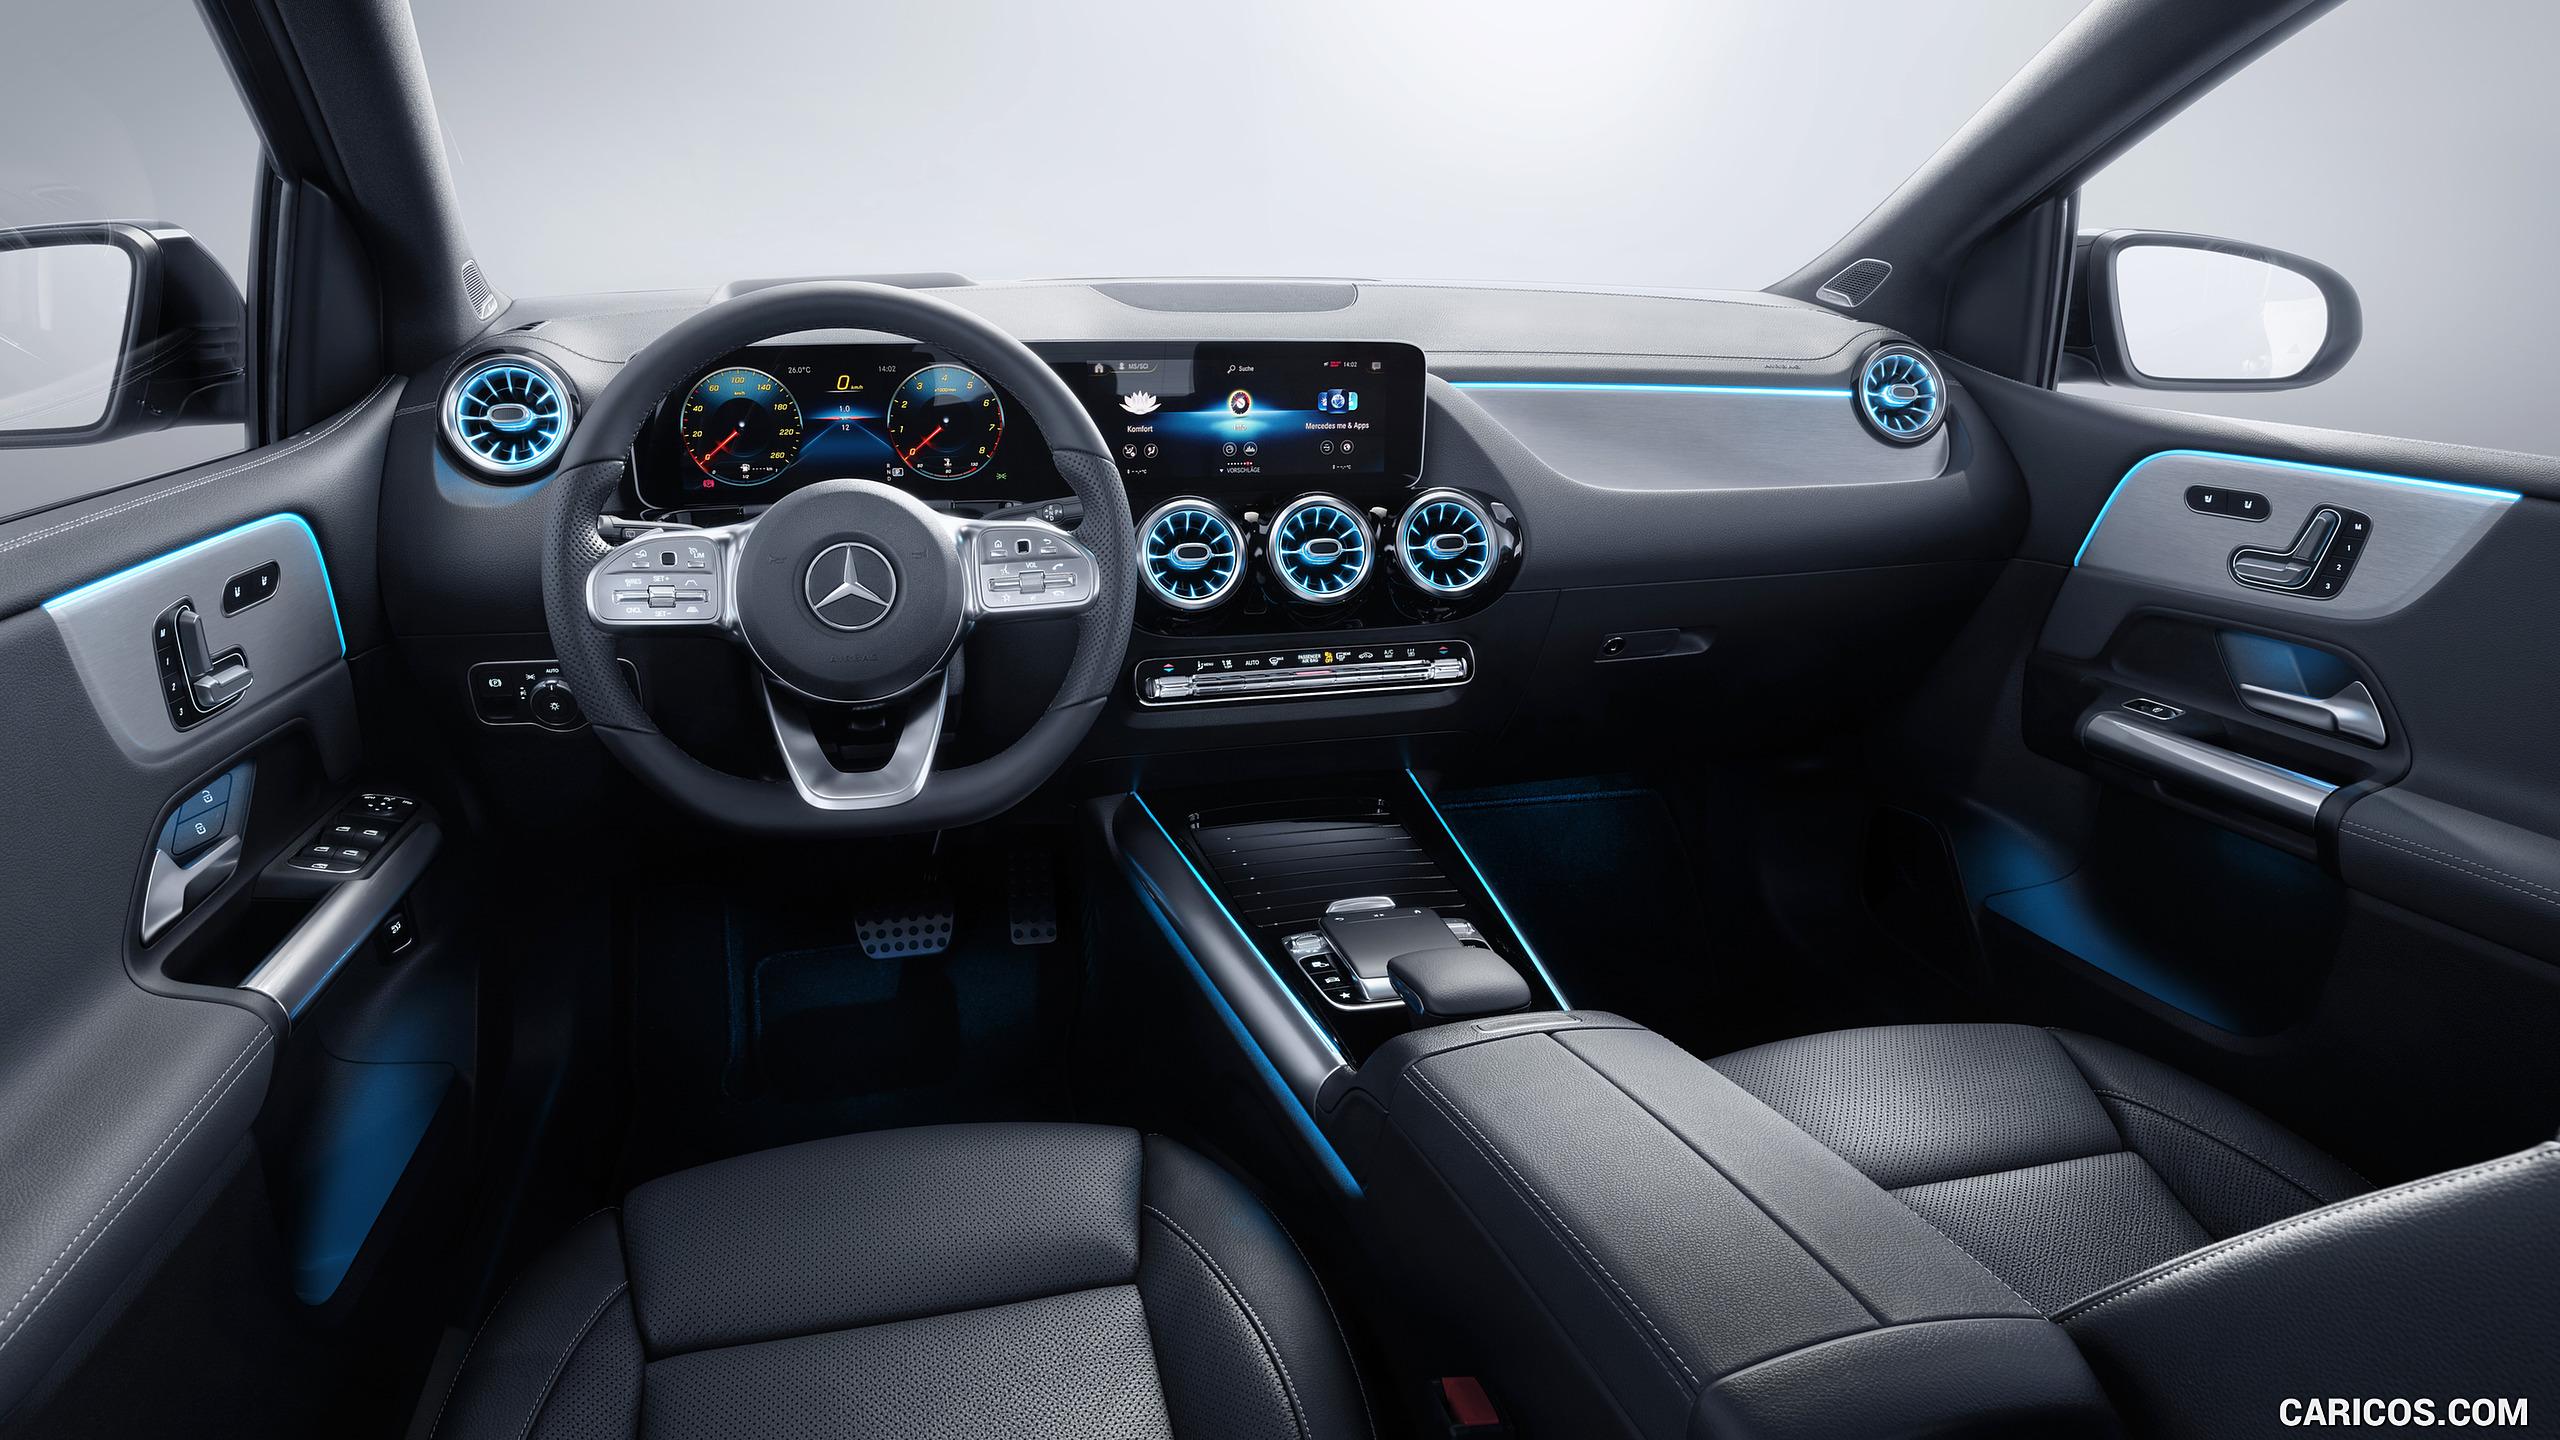 2019 Mercedes Benz B Class   Interior Cockpit HD Wallpaper 45 2560x1440